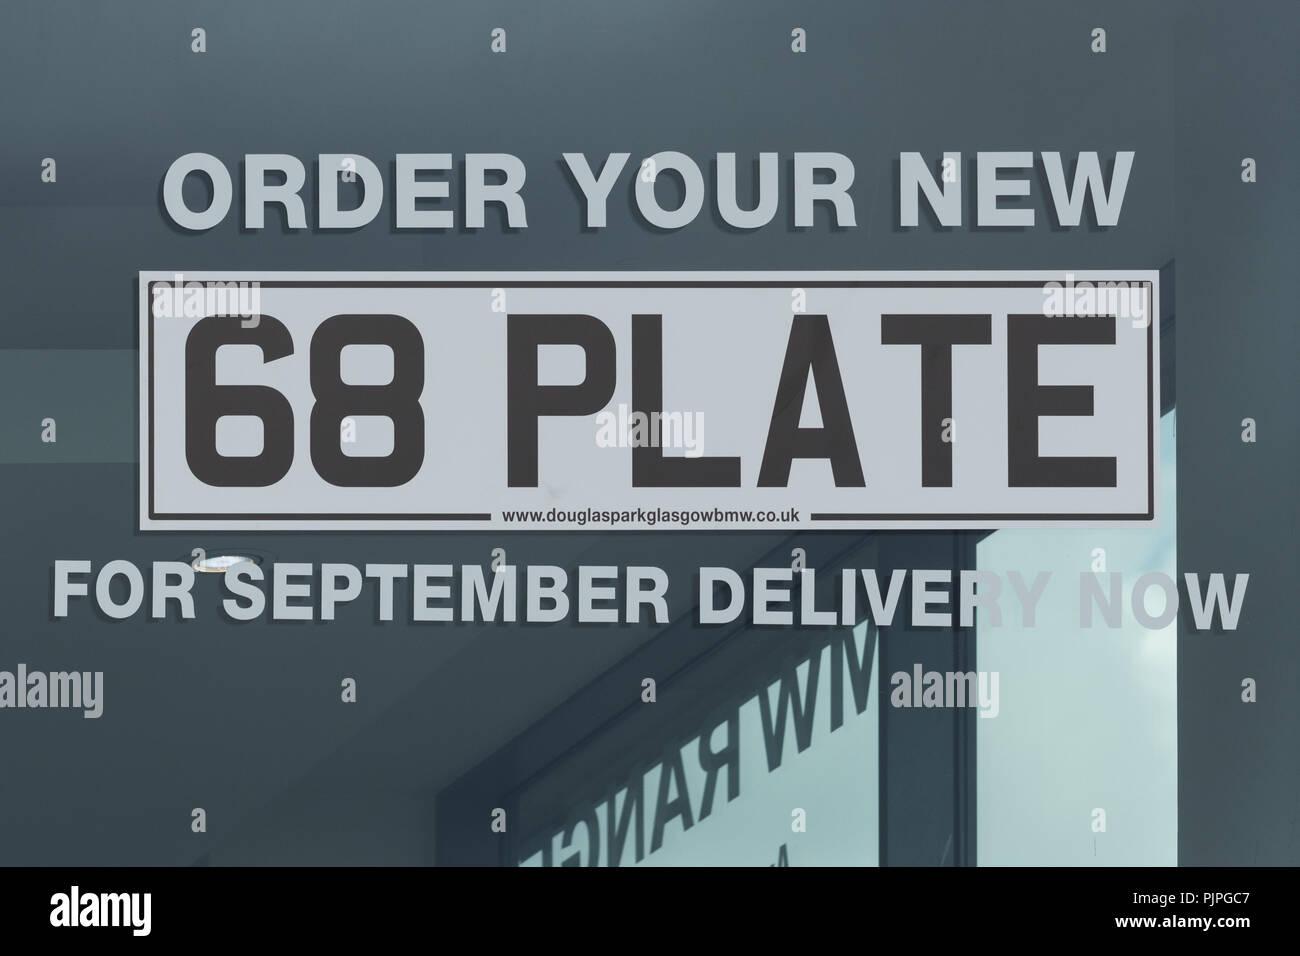 68 nouvelle voiture, la plaque constructeur de la publicité à l'agence de voiture uk Photo Stock